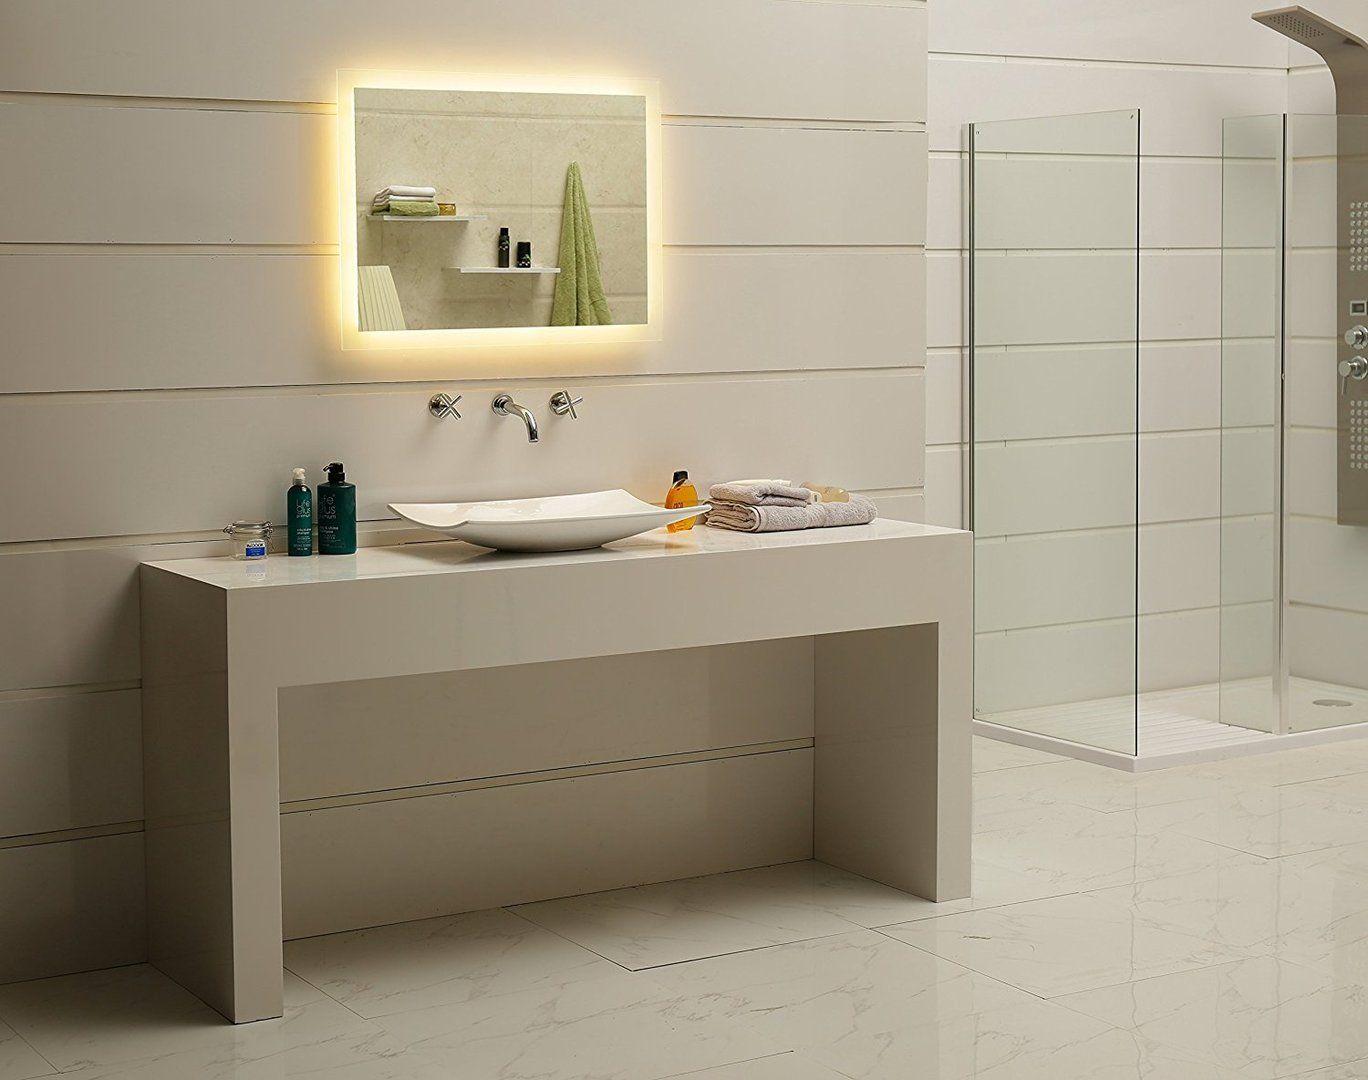 Led Lichtspiegel Kostan Badezimmer Badspiegel Inneneinrichtung Bathroom Lichtspiegel Lightedmirror Badaus Badezimmerspiegel Badspiegel Badspiegel Led